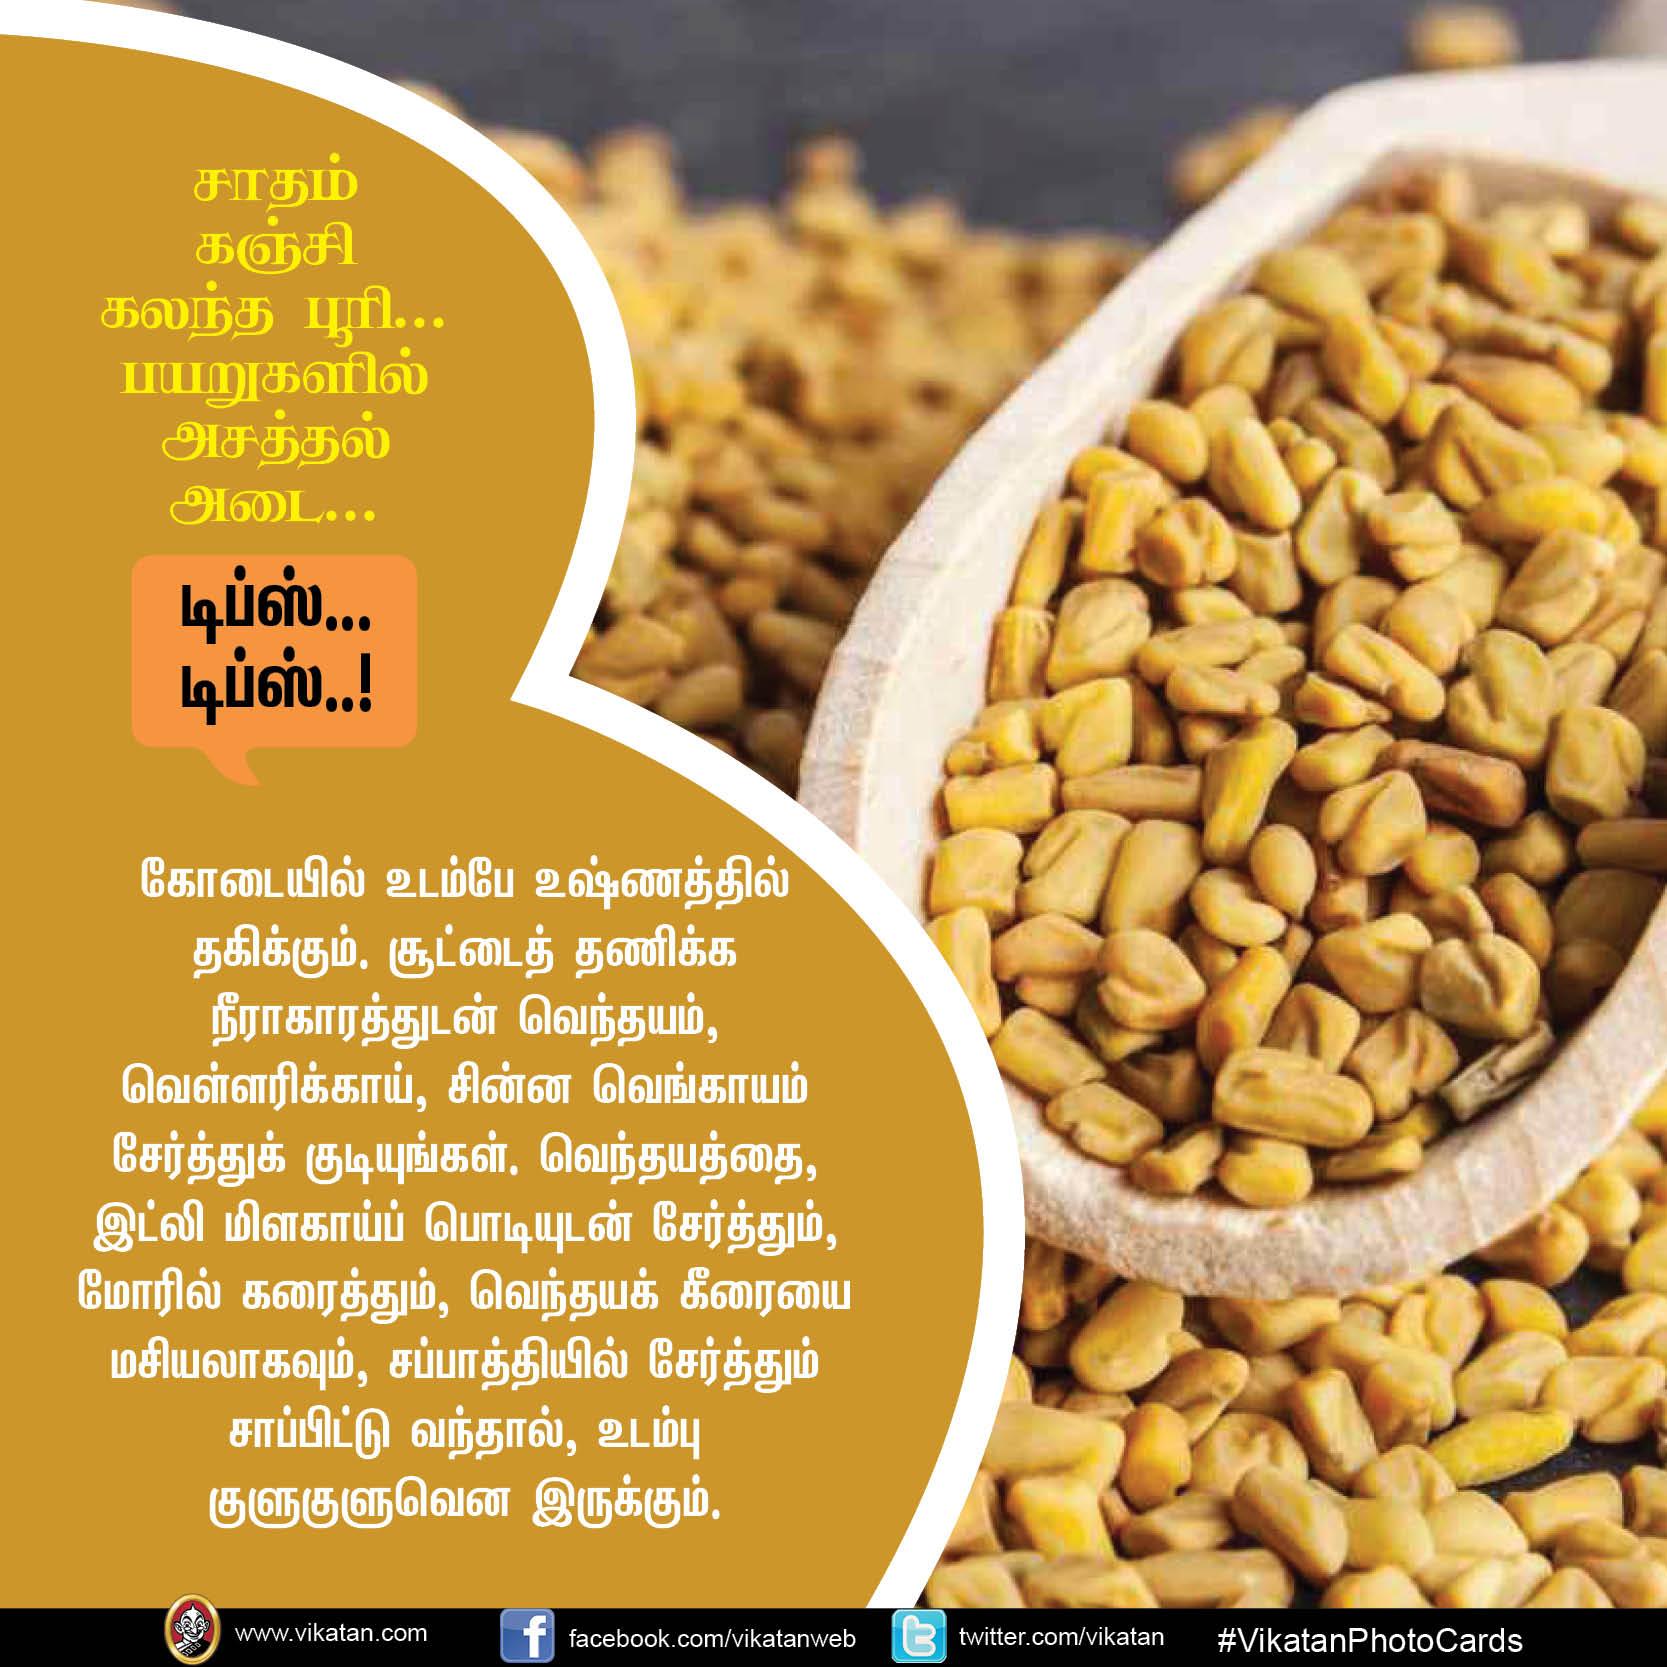 சாதம் கஞ்சி கலந்த பூரி... பயறுகளில் அசத்தல் அடை... டிப்ஸ்.. டிப்ஸ்..! #VikatanPhotoCards